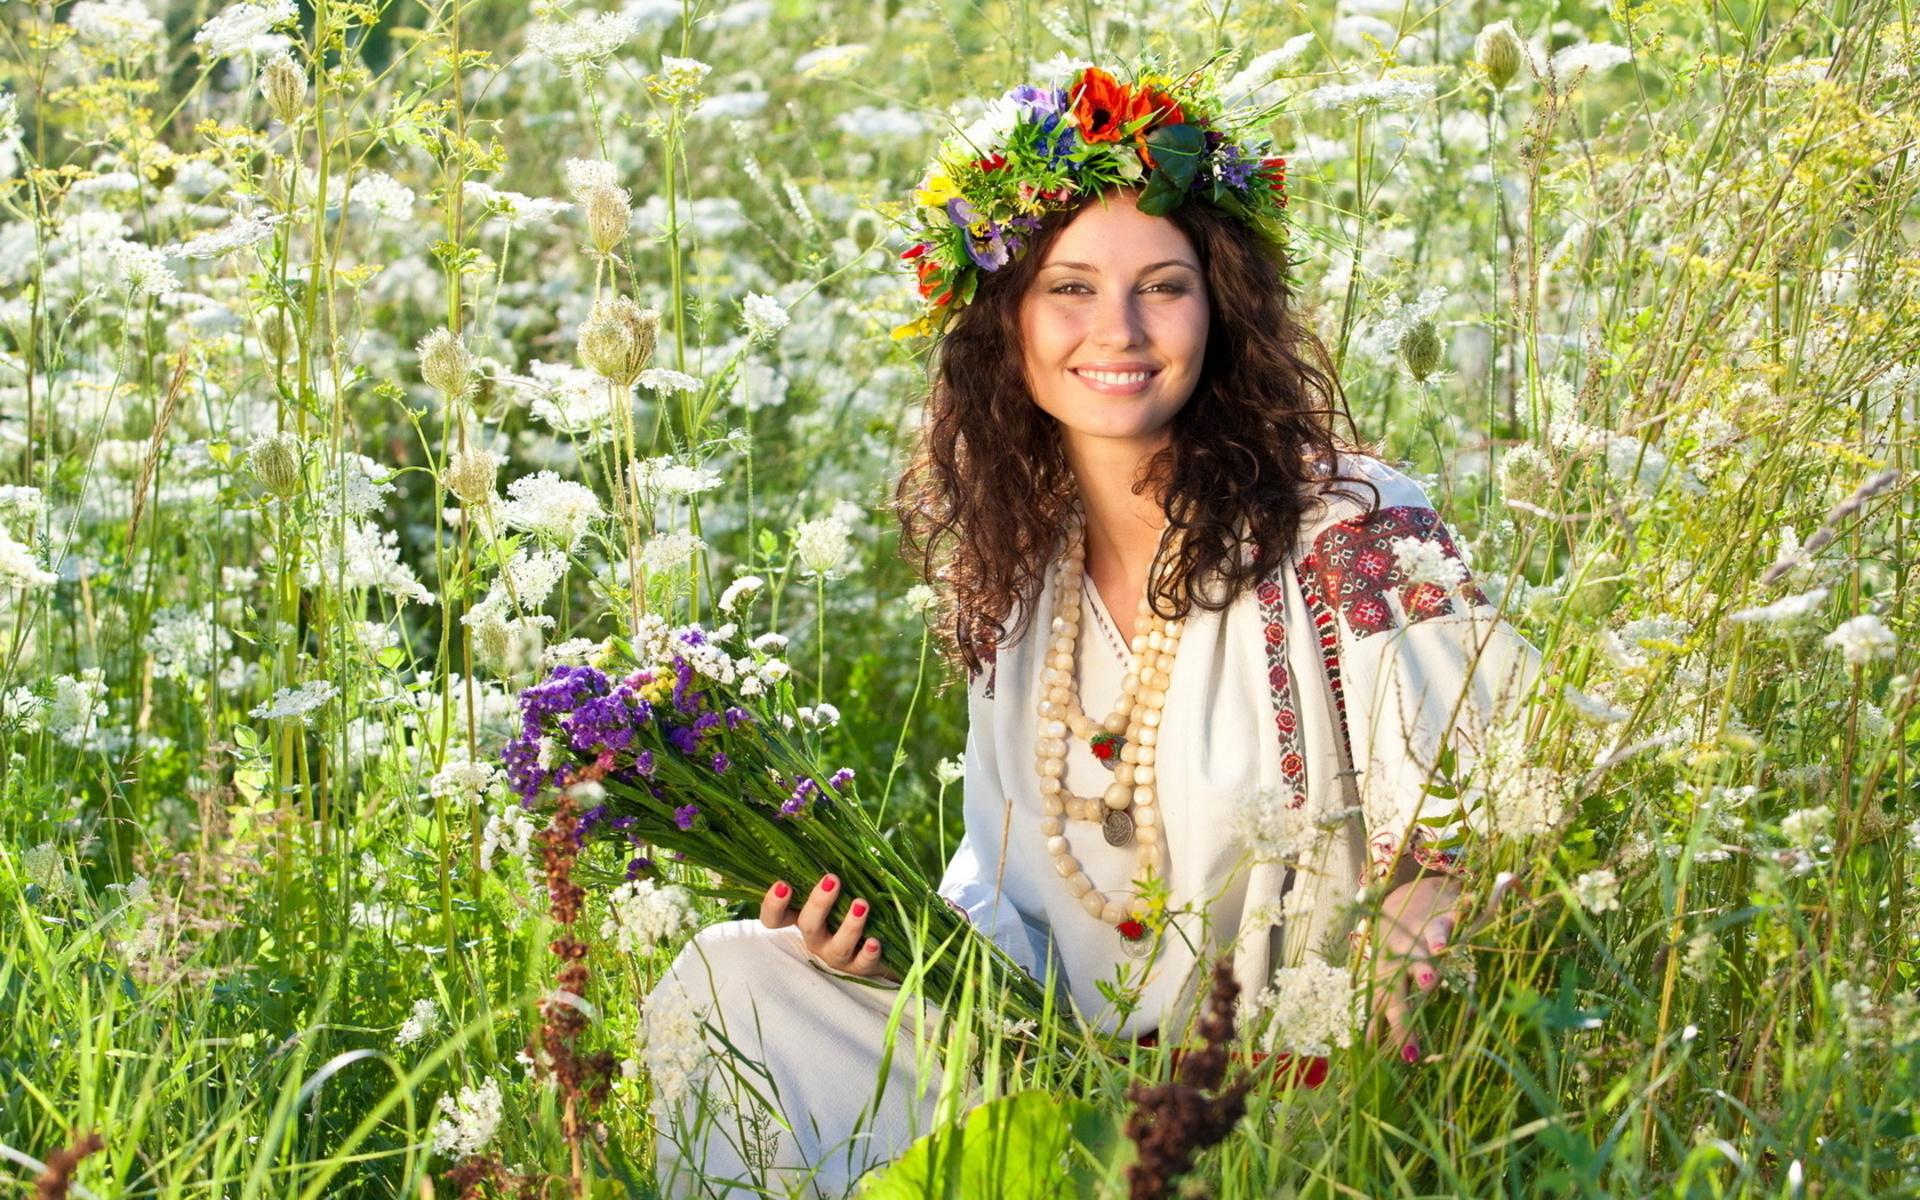 Самые красивые русские девушки в фотографиях 18 фотография